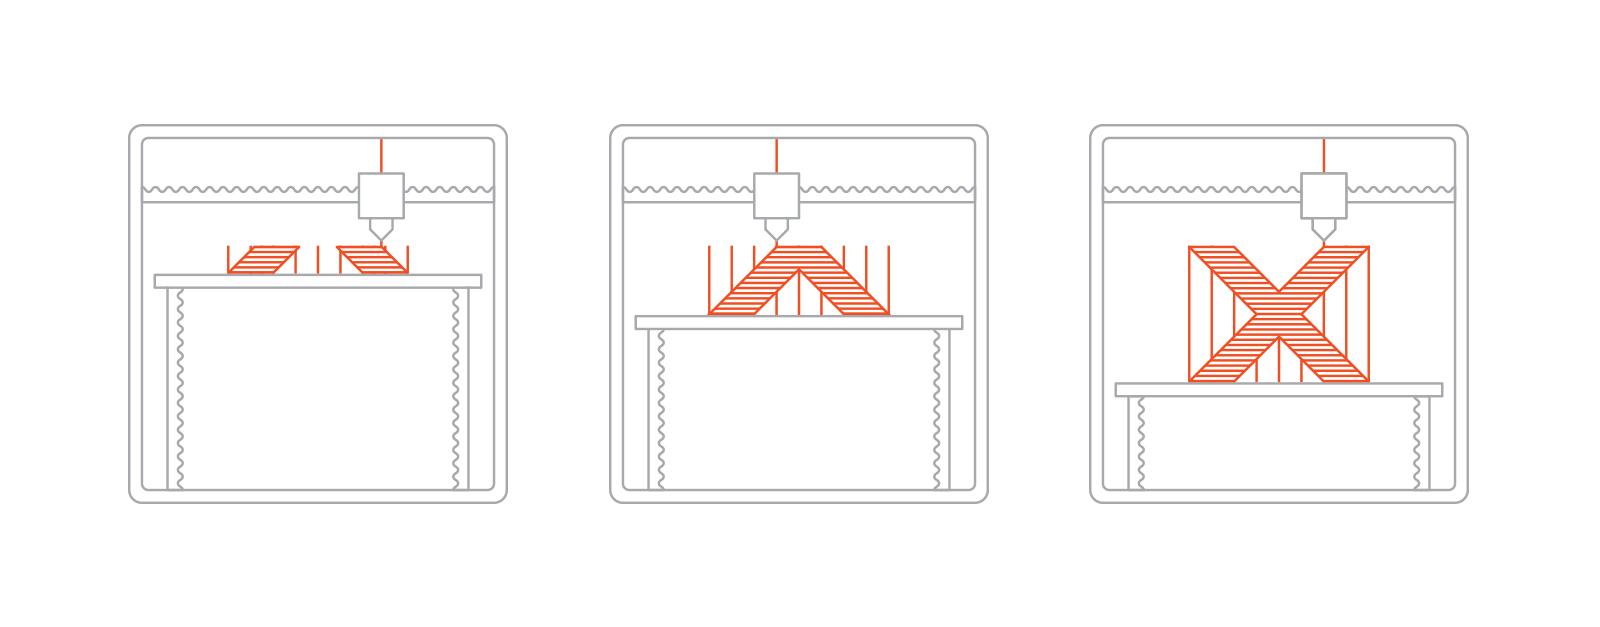 guia de tecnologias de impresion 3d tipos de impresoras 3d